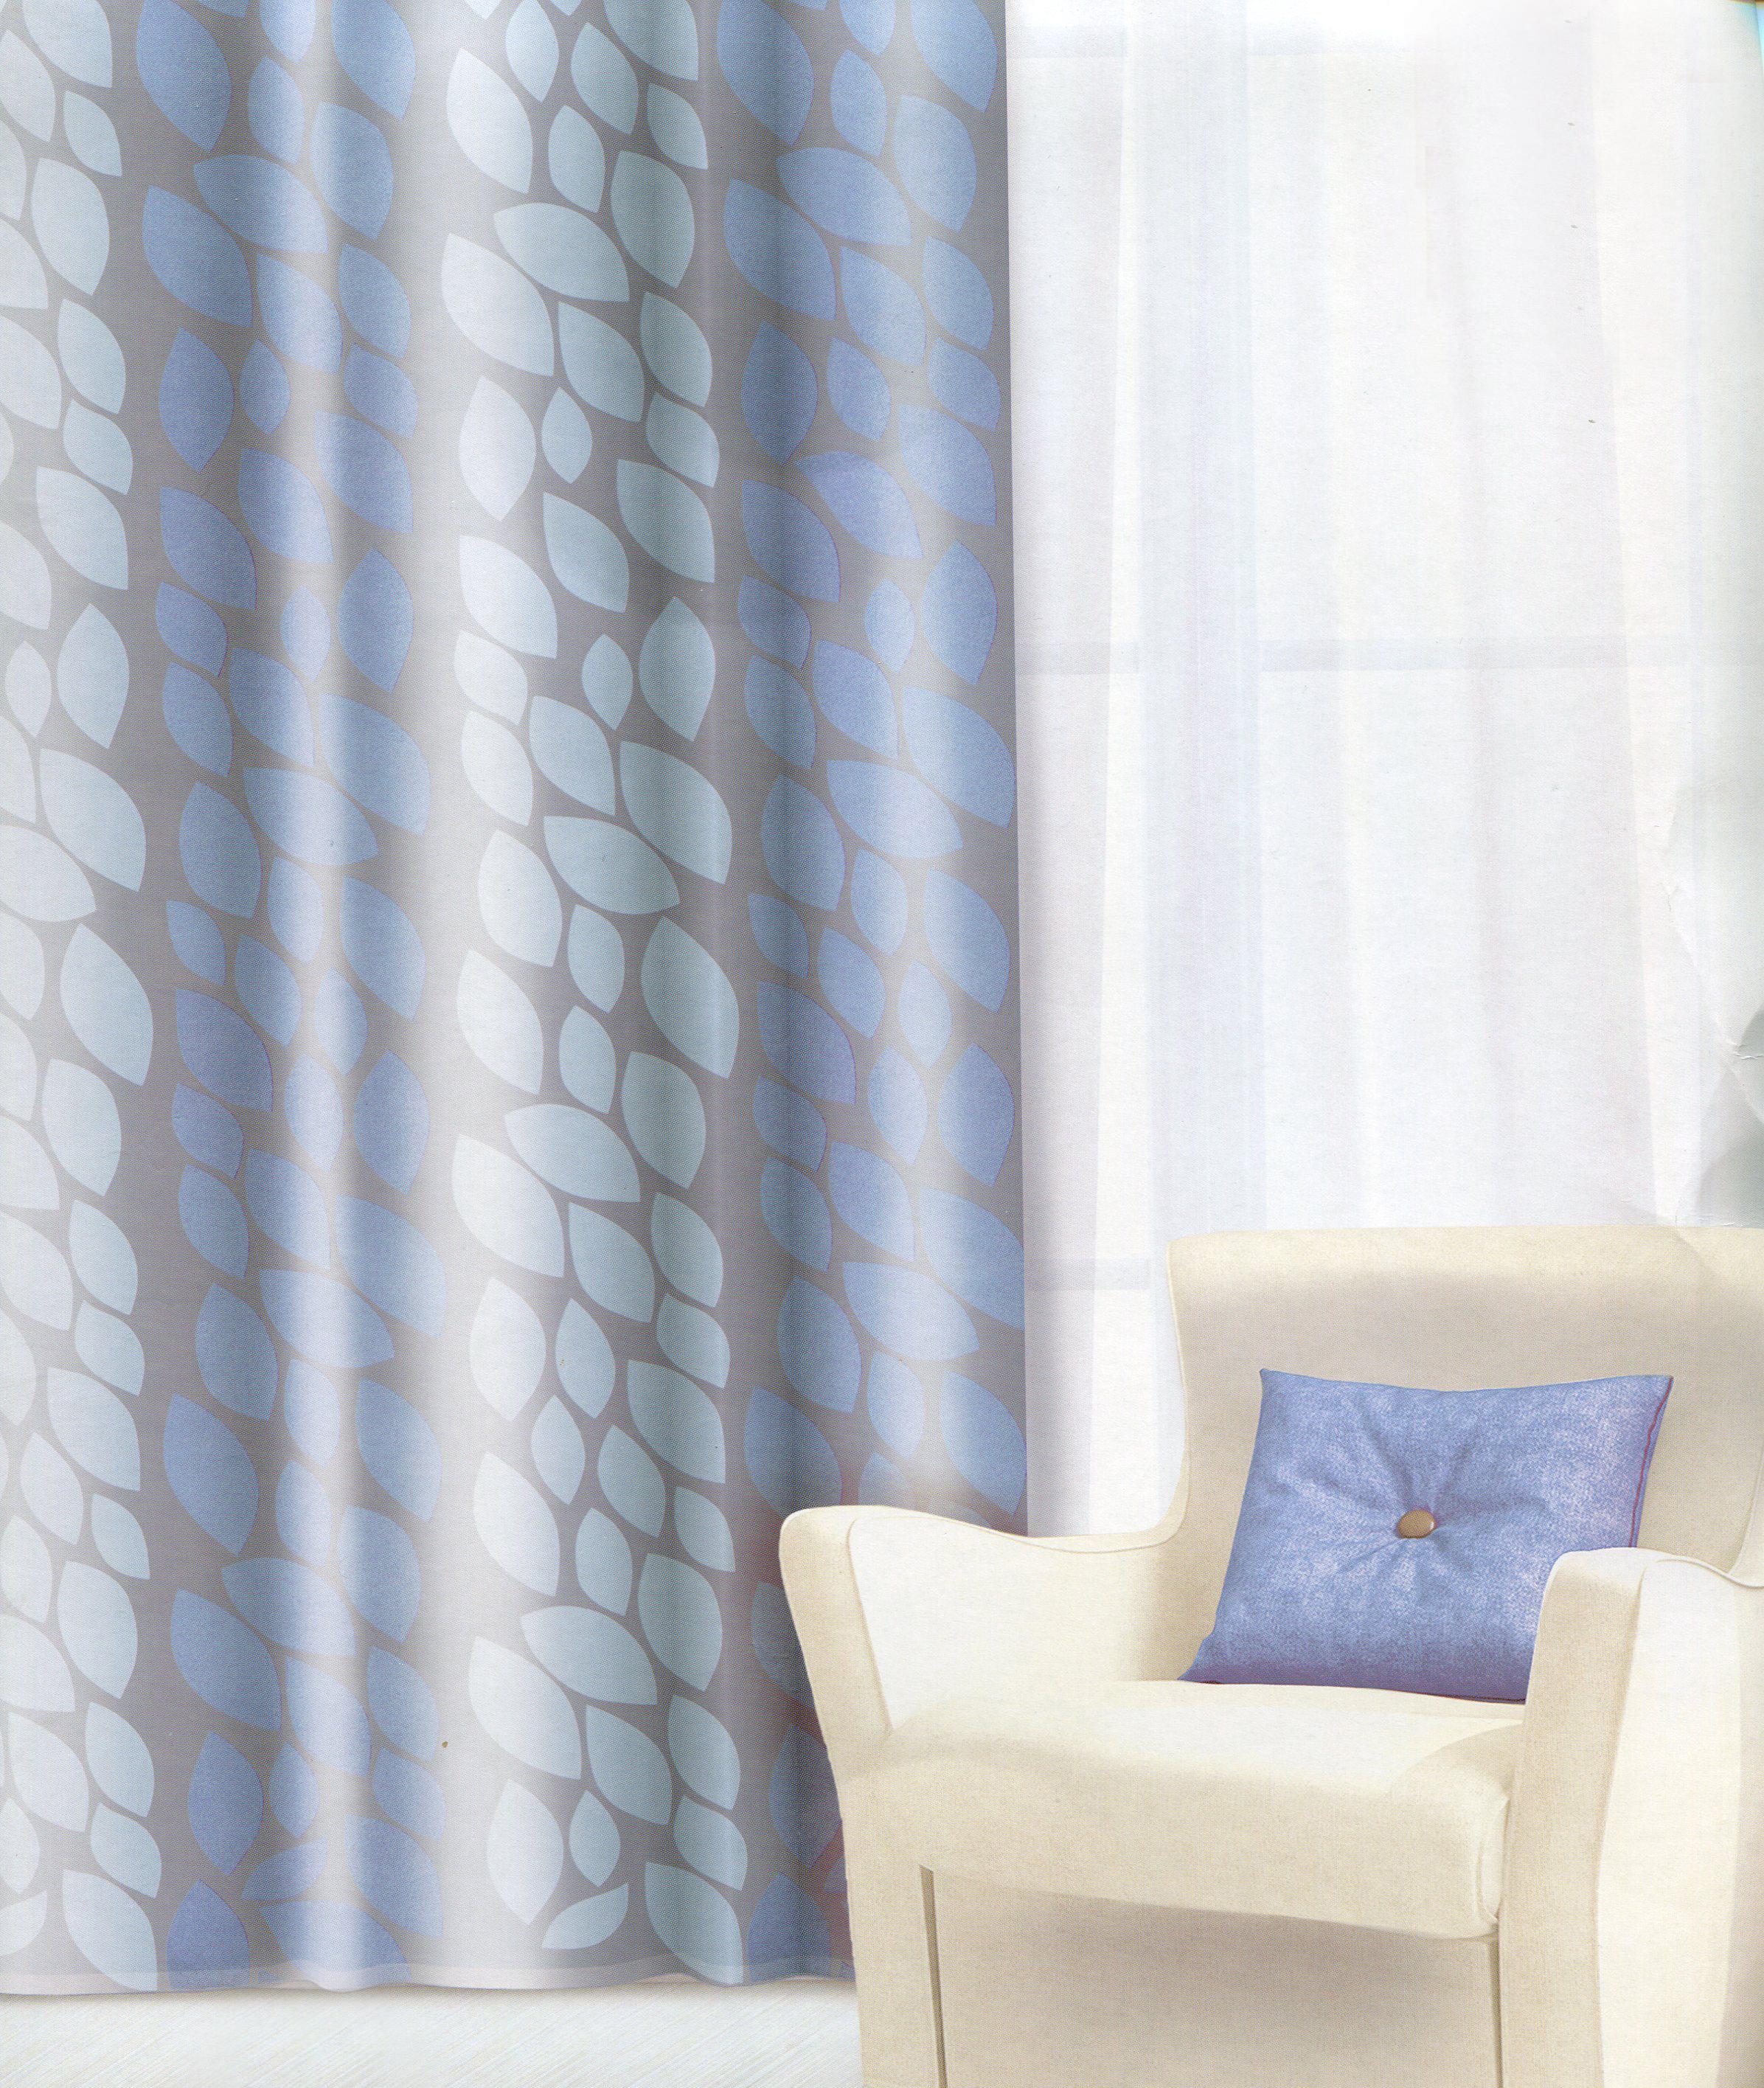 Штора Home Queen Листья, на люверсах, цвет: голубой, высота 275 см65013Изящная штора Home Queen Листья выполнена из плотного полотна (полиэстера) с эффектным жаккардовым рисунком в виде листьев. Затемняющая штора защищает комнату от дневного света и ночного уличного освещения. Плотная ткань и приятная цветовая гамма привлекут к себе внимание и органично впишутся в интерьер помещения. Эта штора будет долгое время радовать вас и вашу семью! Штора крепится на карниз при помощи люверсов. Диаметр отверстия люверса: 4 см.